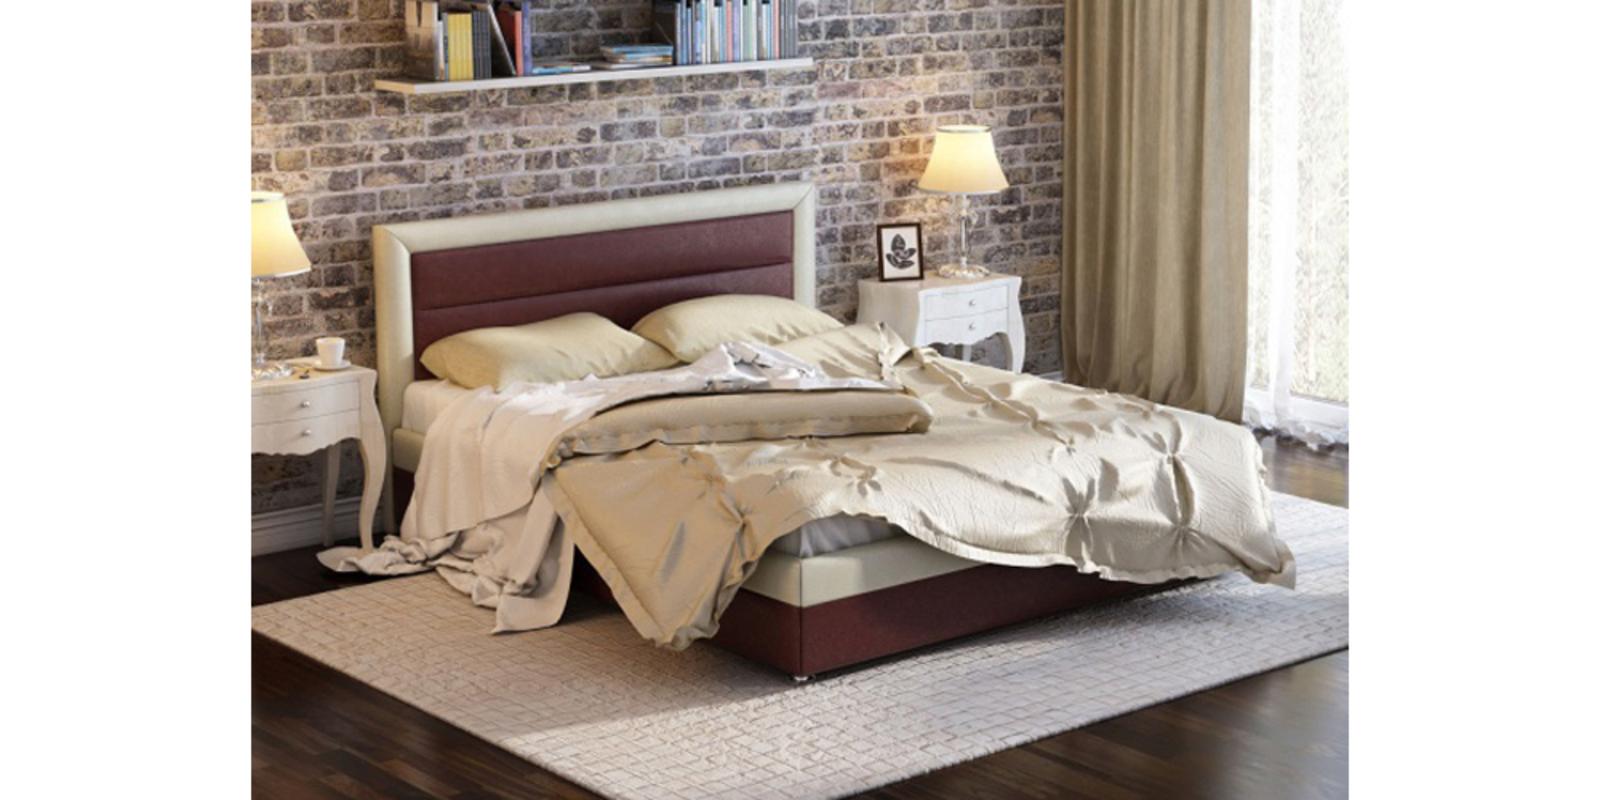 Кровать мягкая Тарбикс с подъемным механизмом (Коричневый/Бежевый) от HomeMe.ru